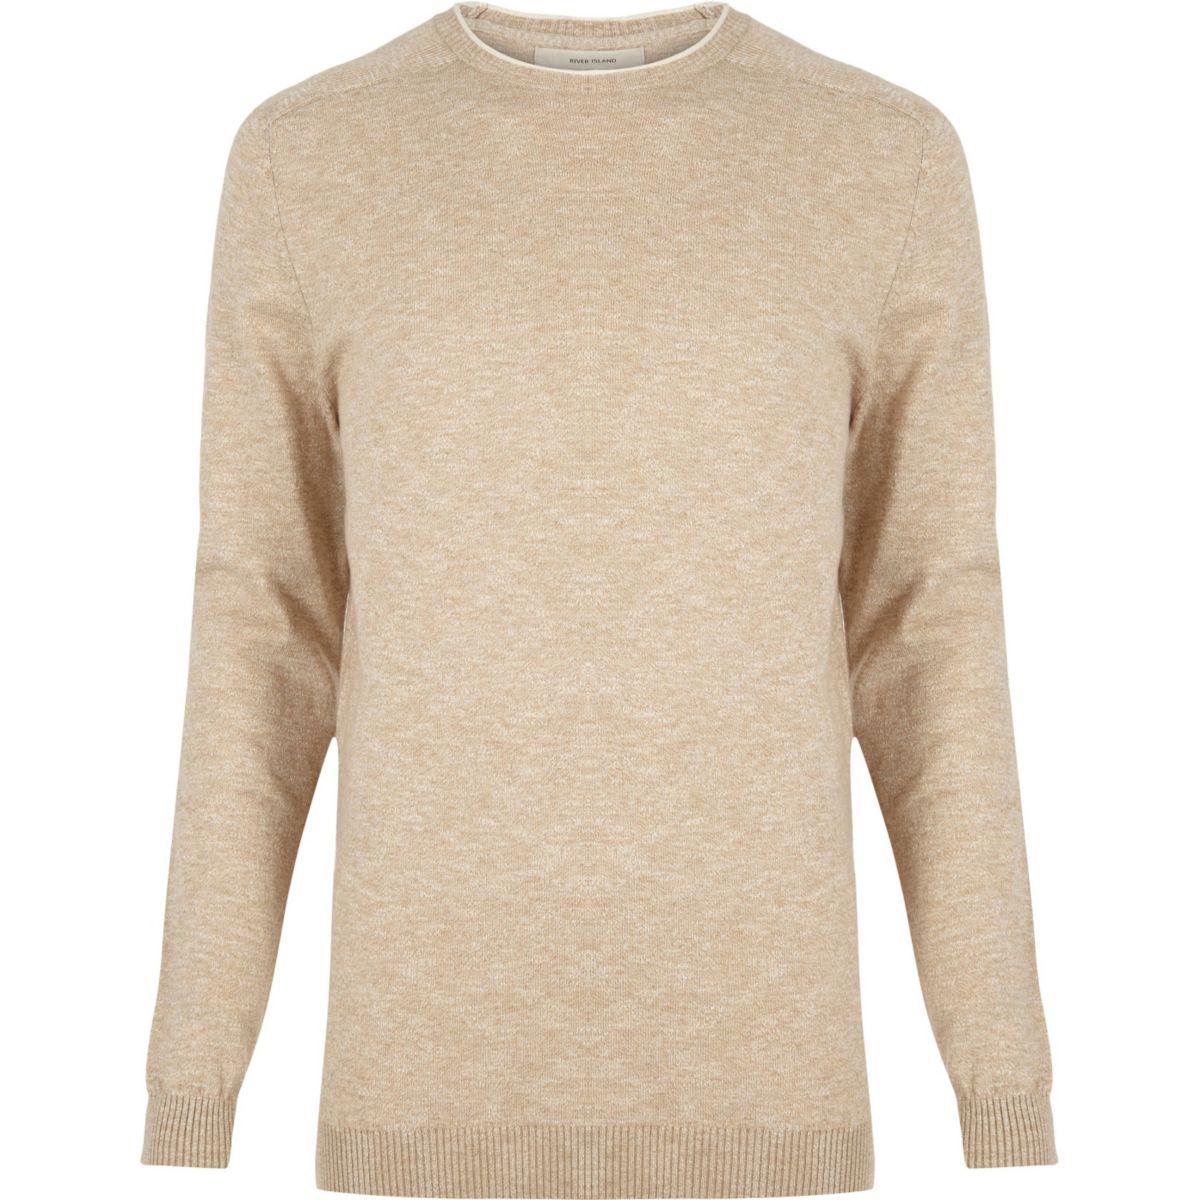 Stone crew neck sweater